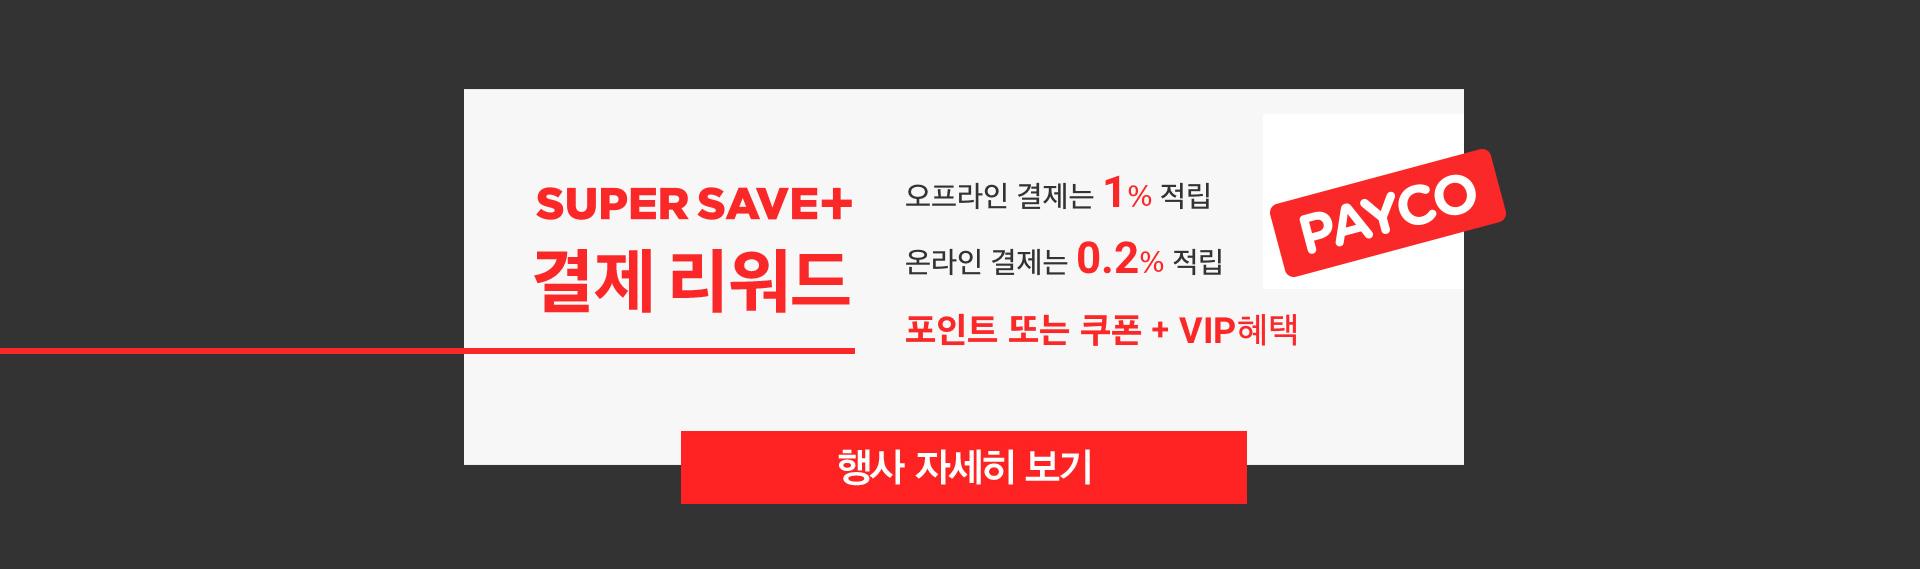 PAYCO SAVE 결제 리워드 오프라인 결제는 1% 적립 온라인 결제는 최대 0.2% 적립 포인트 또는 쿠폰 + VIP 혜택까지 행사 자세히 보기